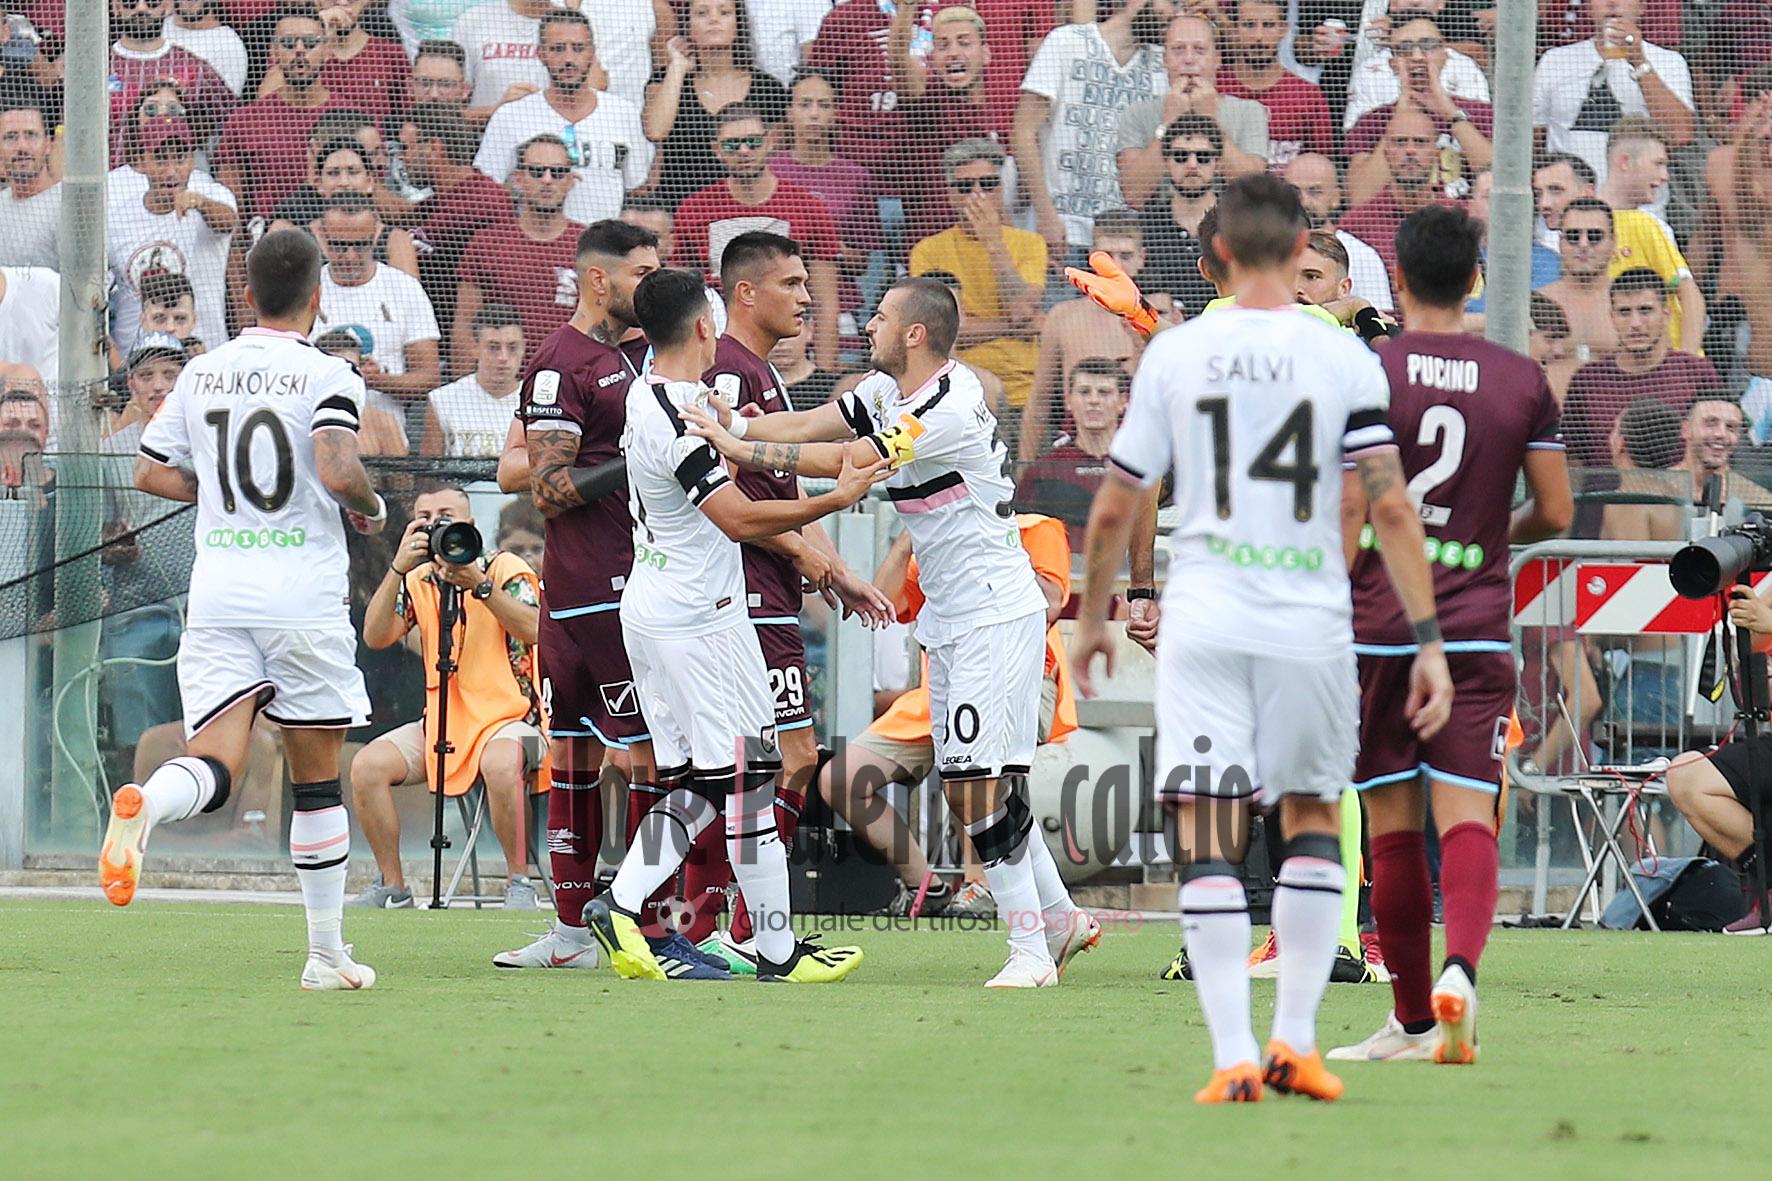 SAL – 25 08 2018 Salerno Stadio Arechi. Salernitana – Palermo Serie B. Nella foto la rissa. Foto Tanopress